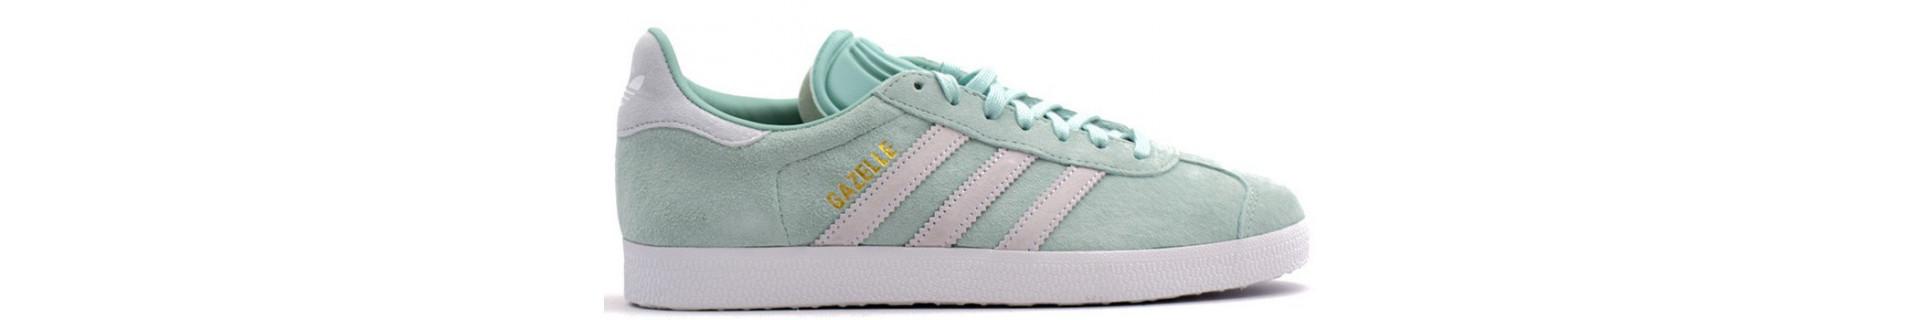 Zapatillas para mujer Adidas, Adidas Originals, Converse, Vans, Nike, Puma, Lacoste, Salomon